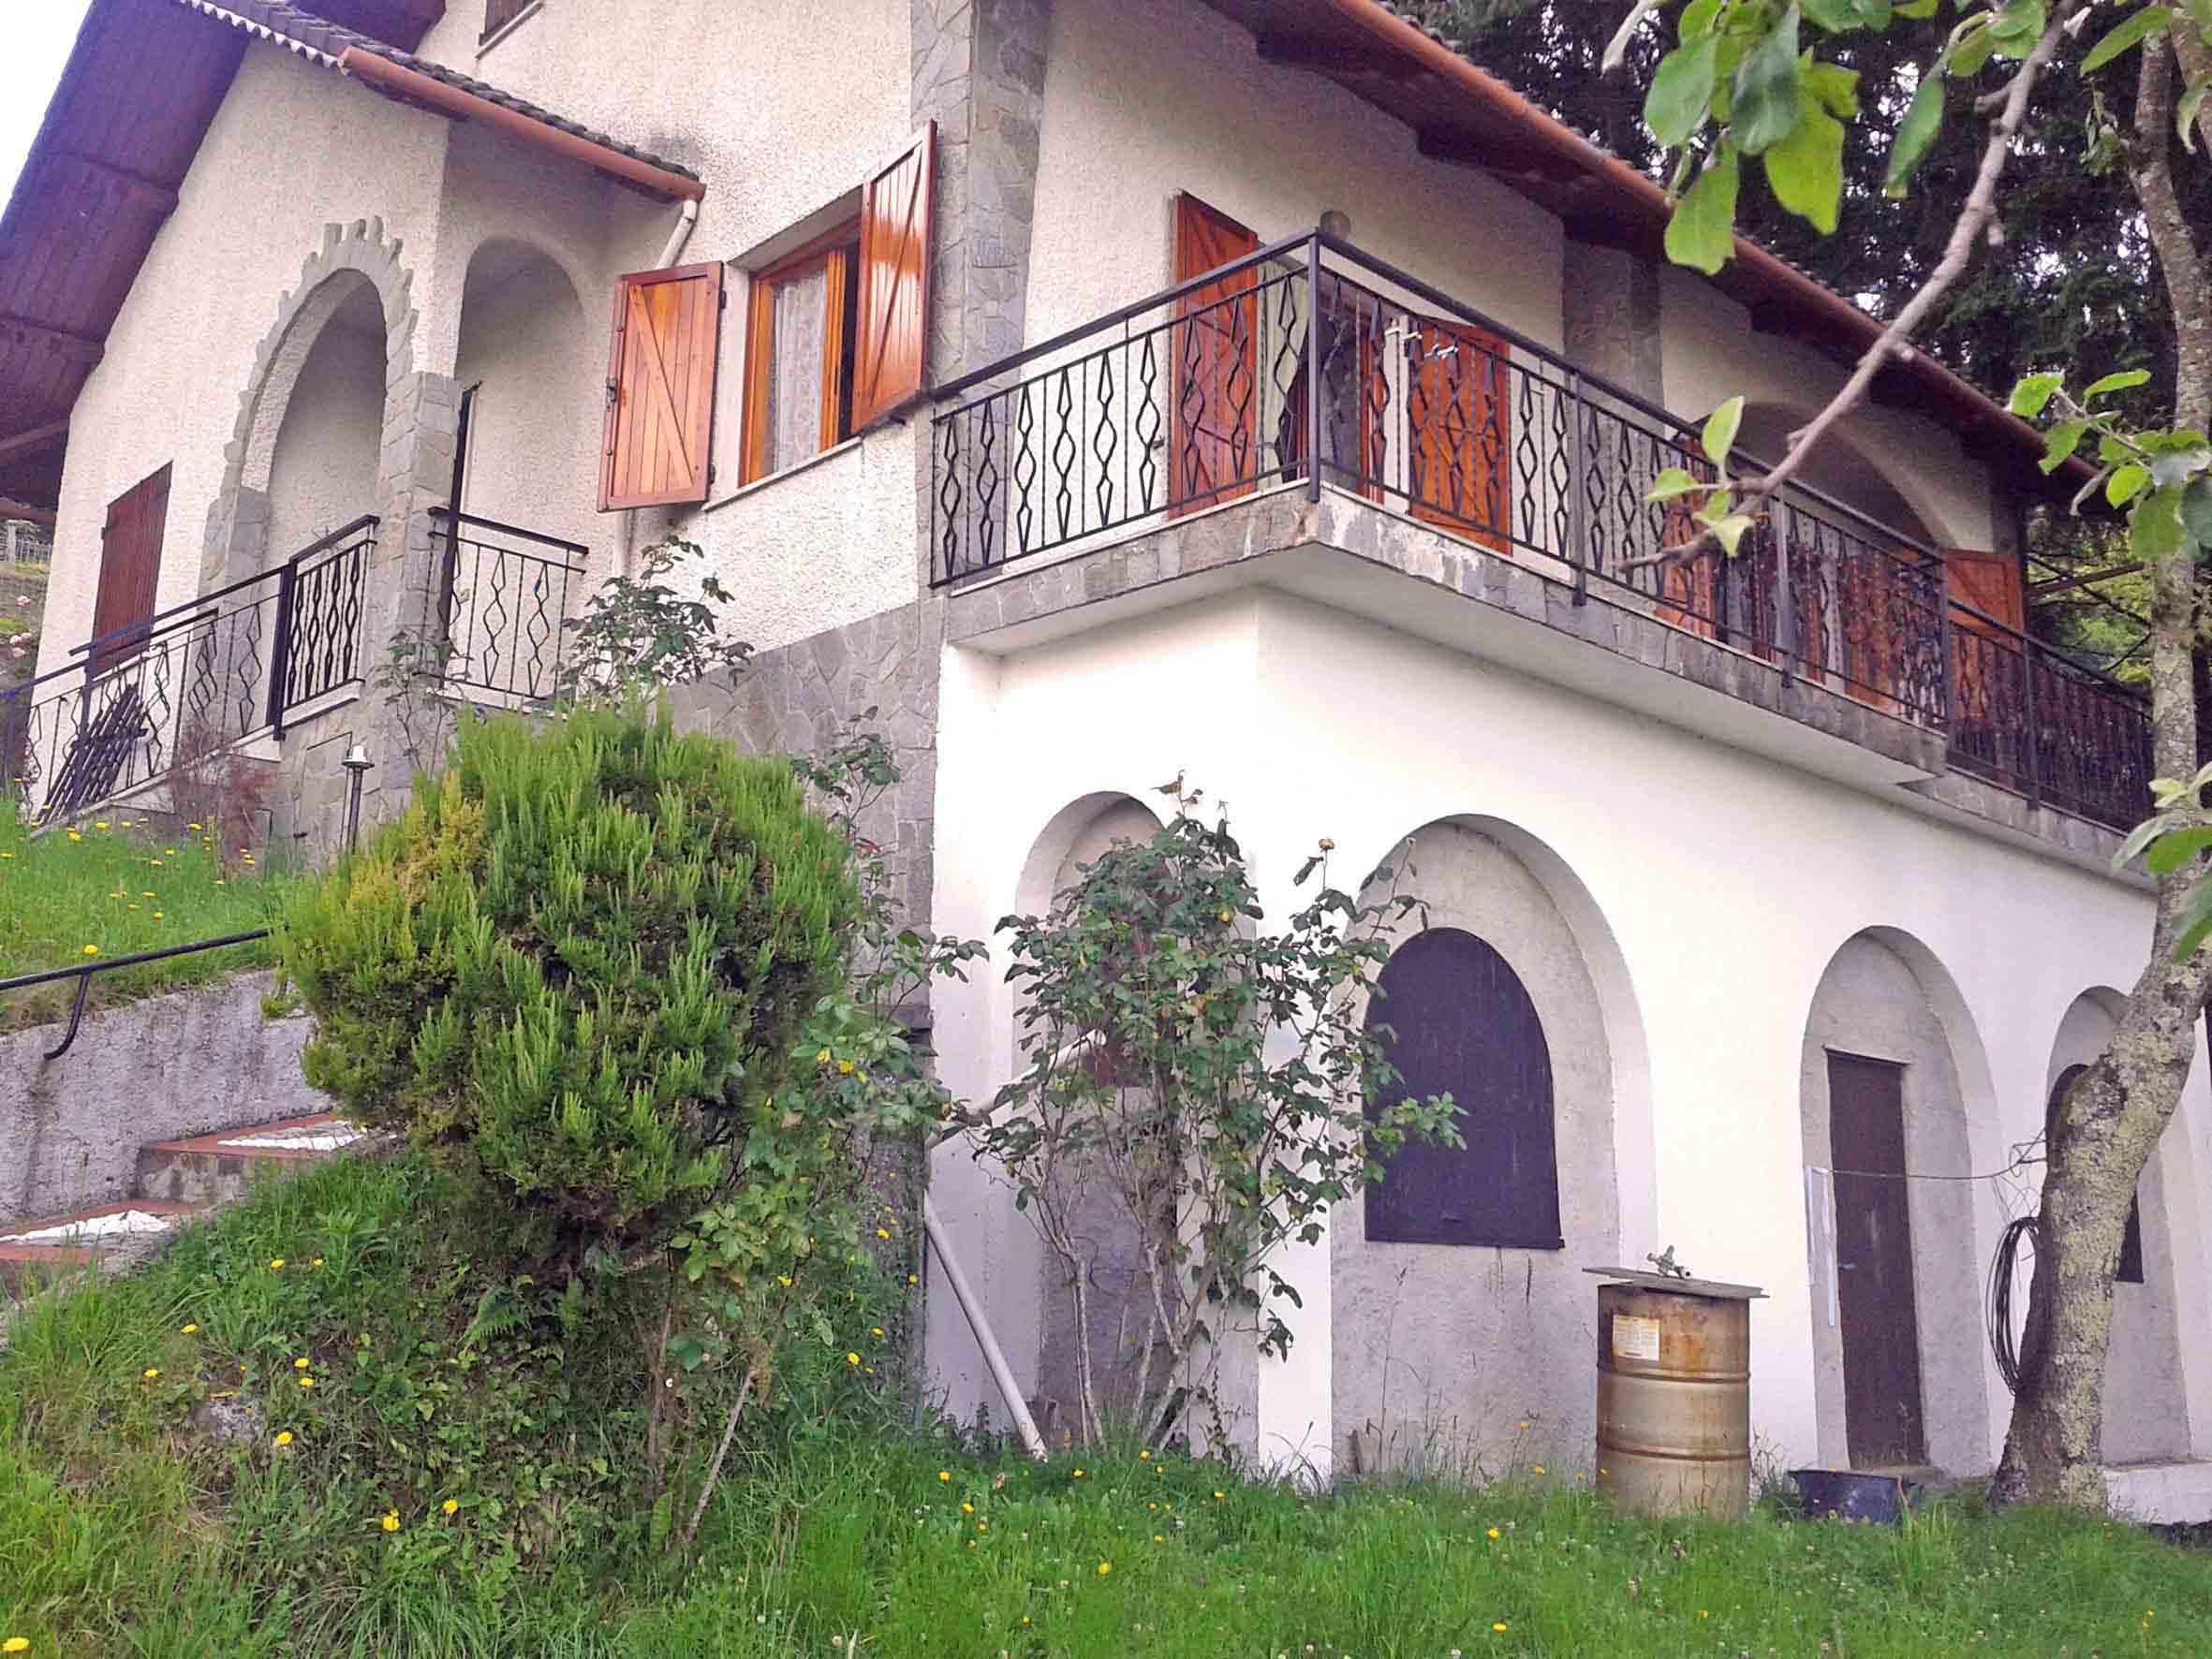 Case in vendita provincia genova cerco casa in vendita in for Case in stile capannone